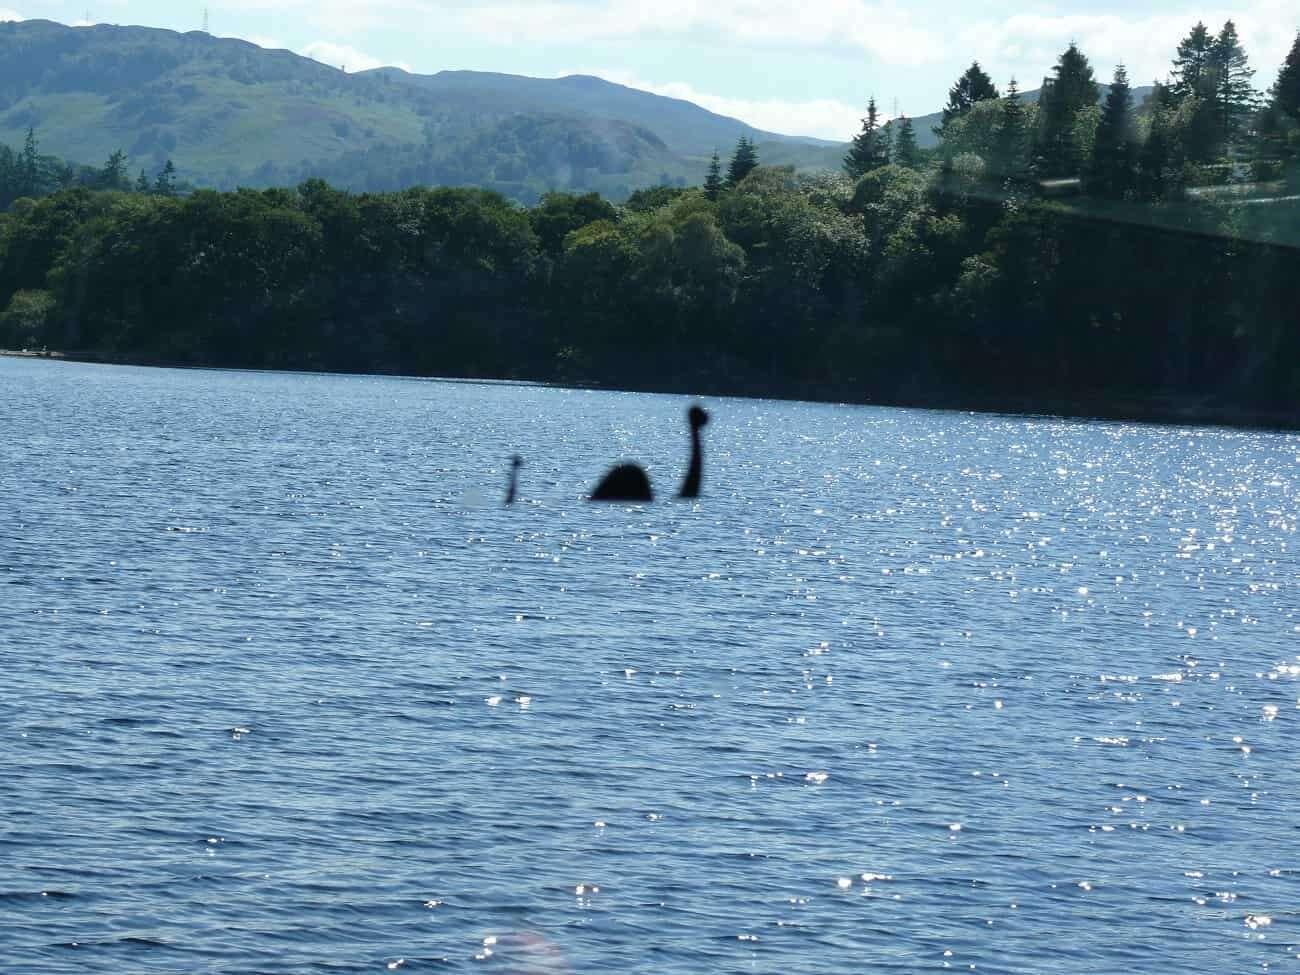 Czym może być potwór z Loch Ness?